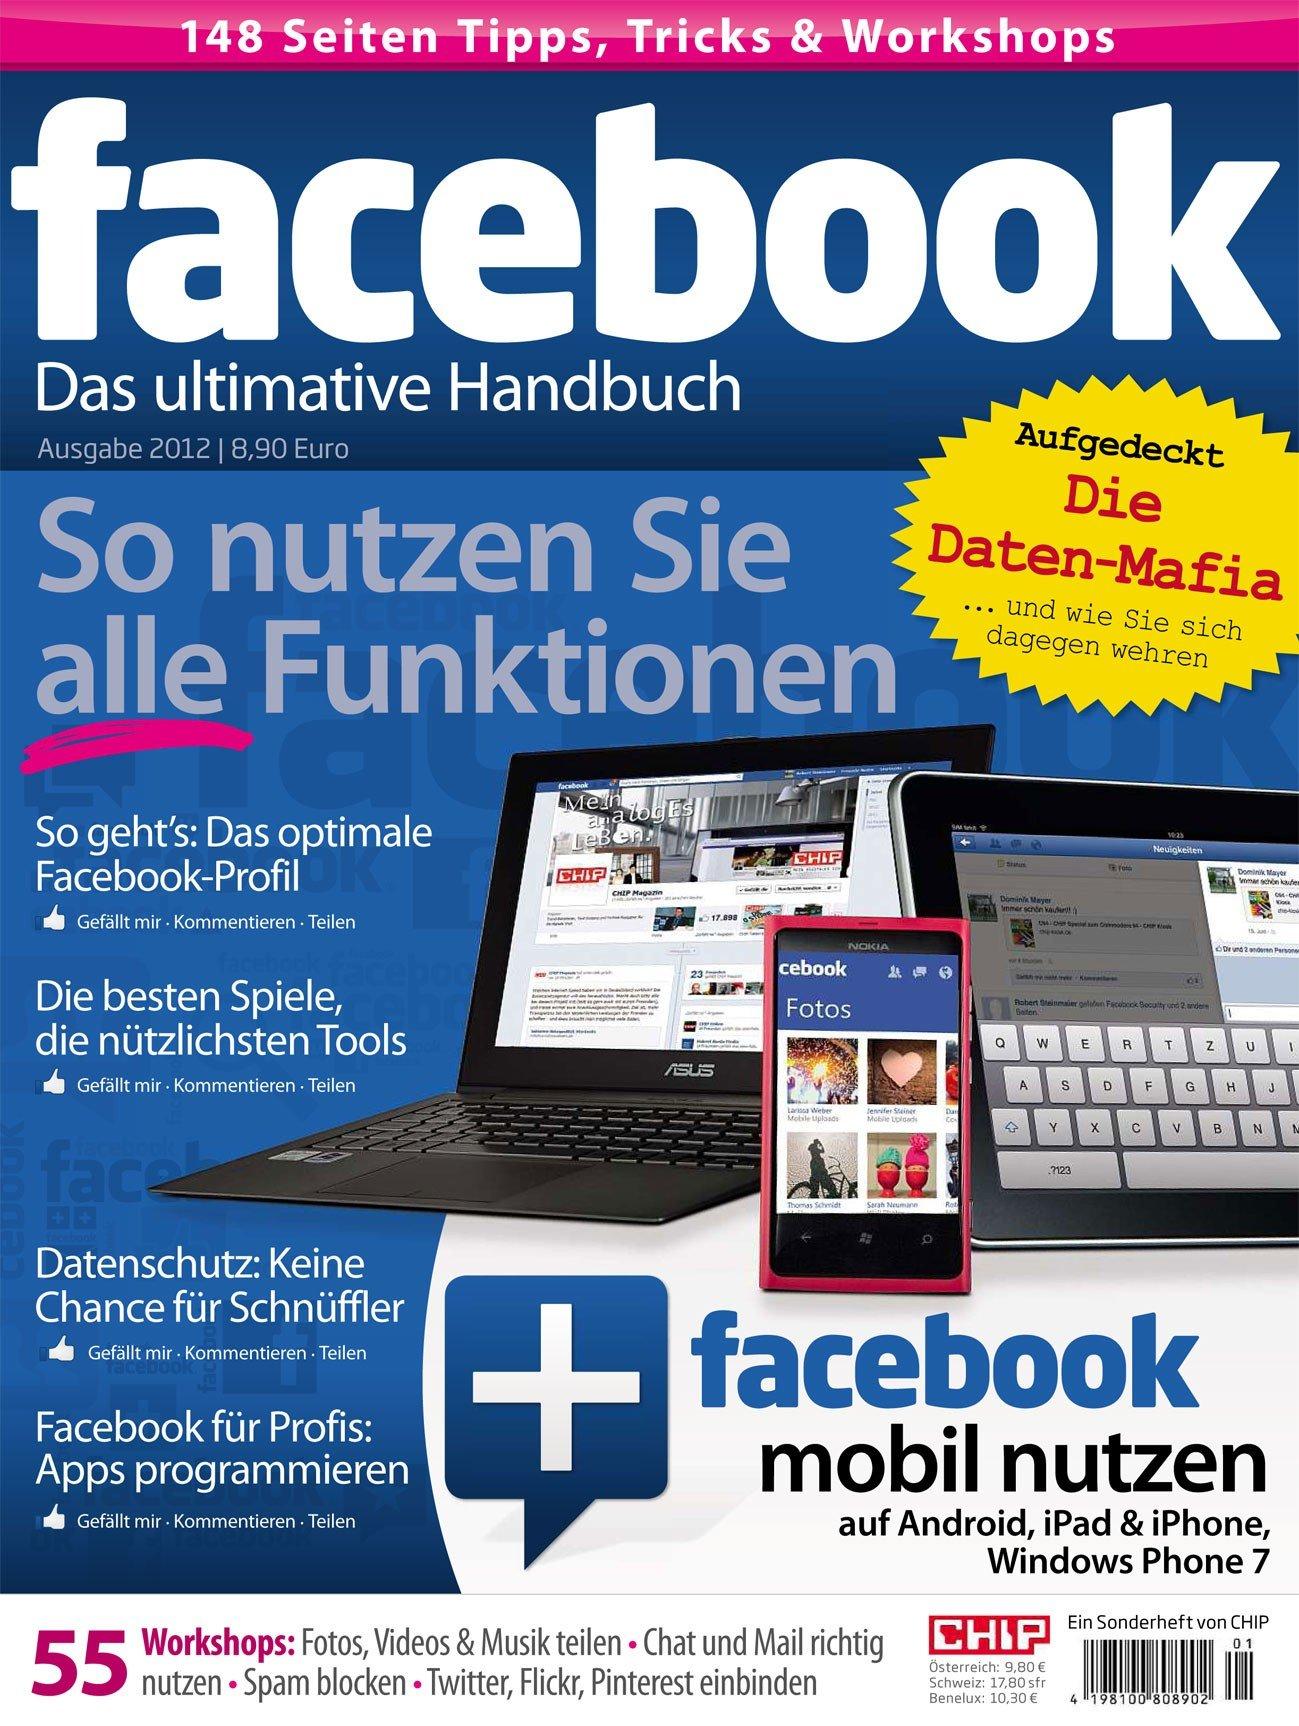 CHIP: Das ultimative facebook Handbuch, 148 Seiten Workshops, Tipps und Tricks sowie facebook mobil auf Android, iPad & iPhone nutzen